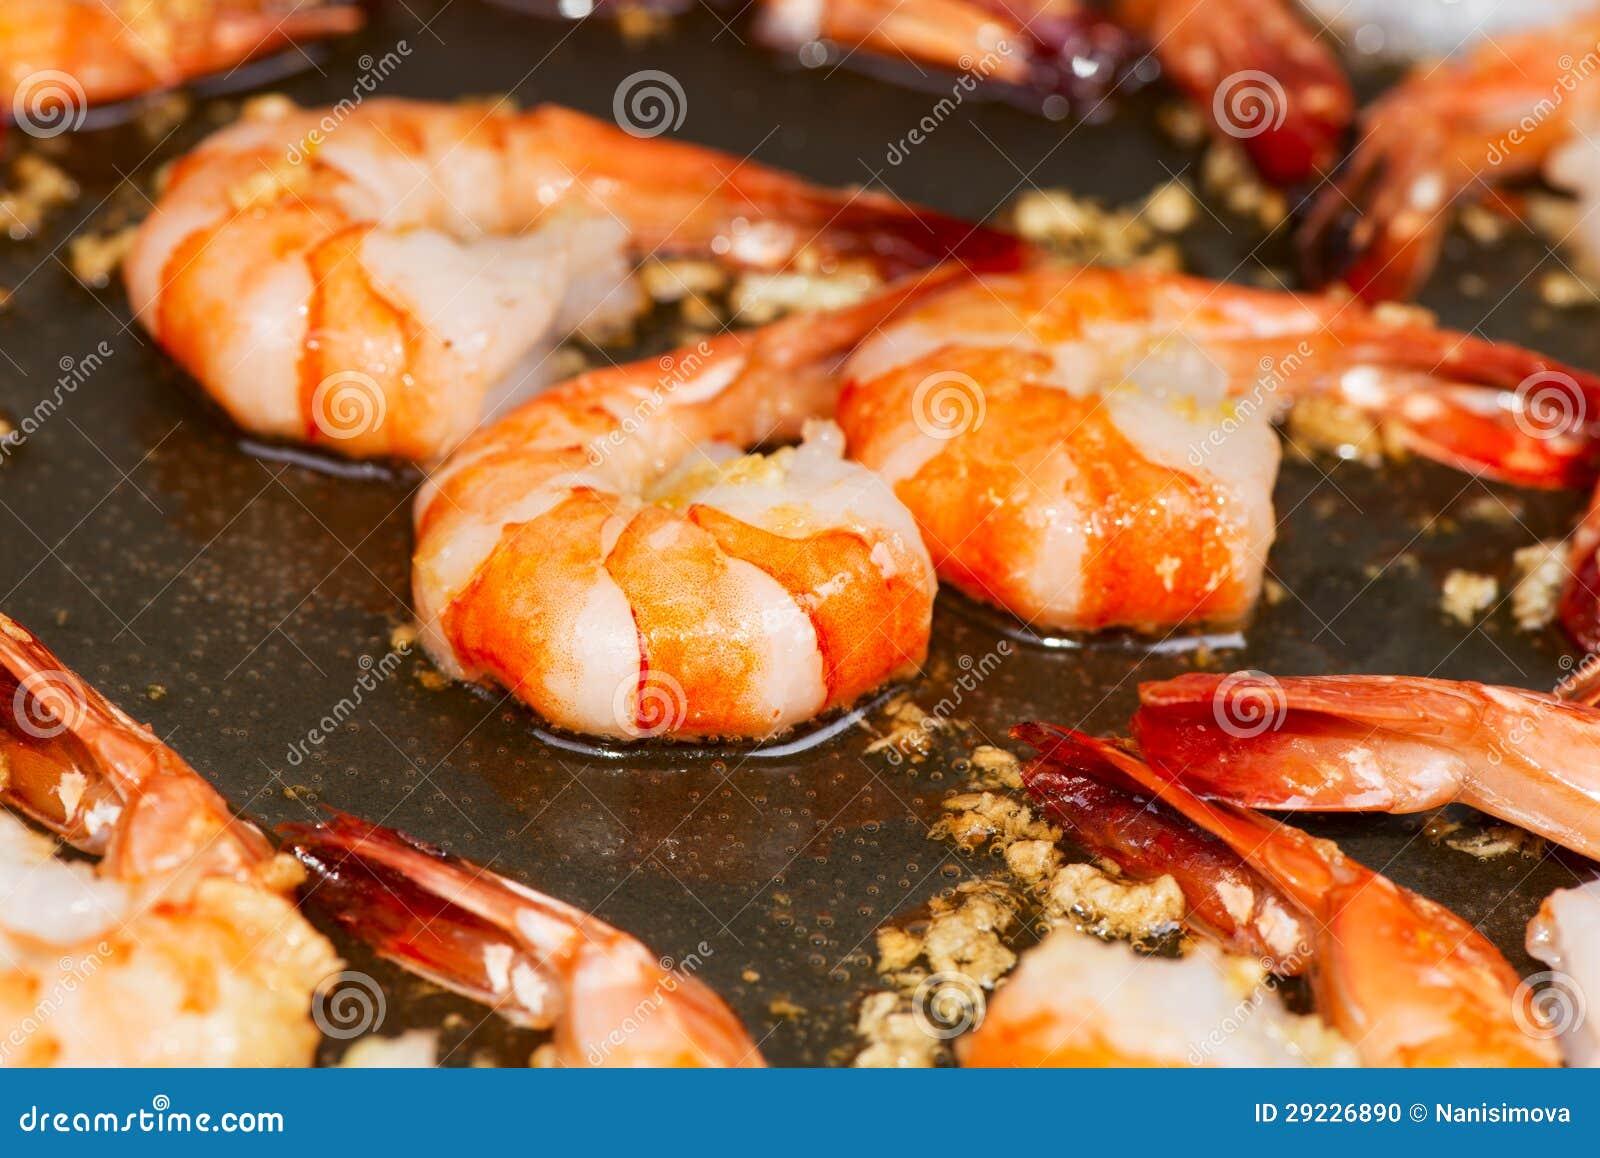 Download Camarão Fritado No Fim Do Frigideira Acima Foto de Stock - Imagem de cozinhar, alimento: 29226890